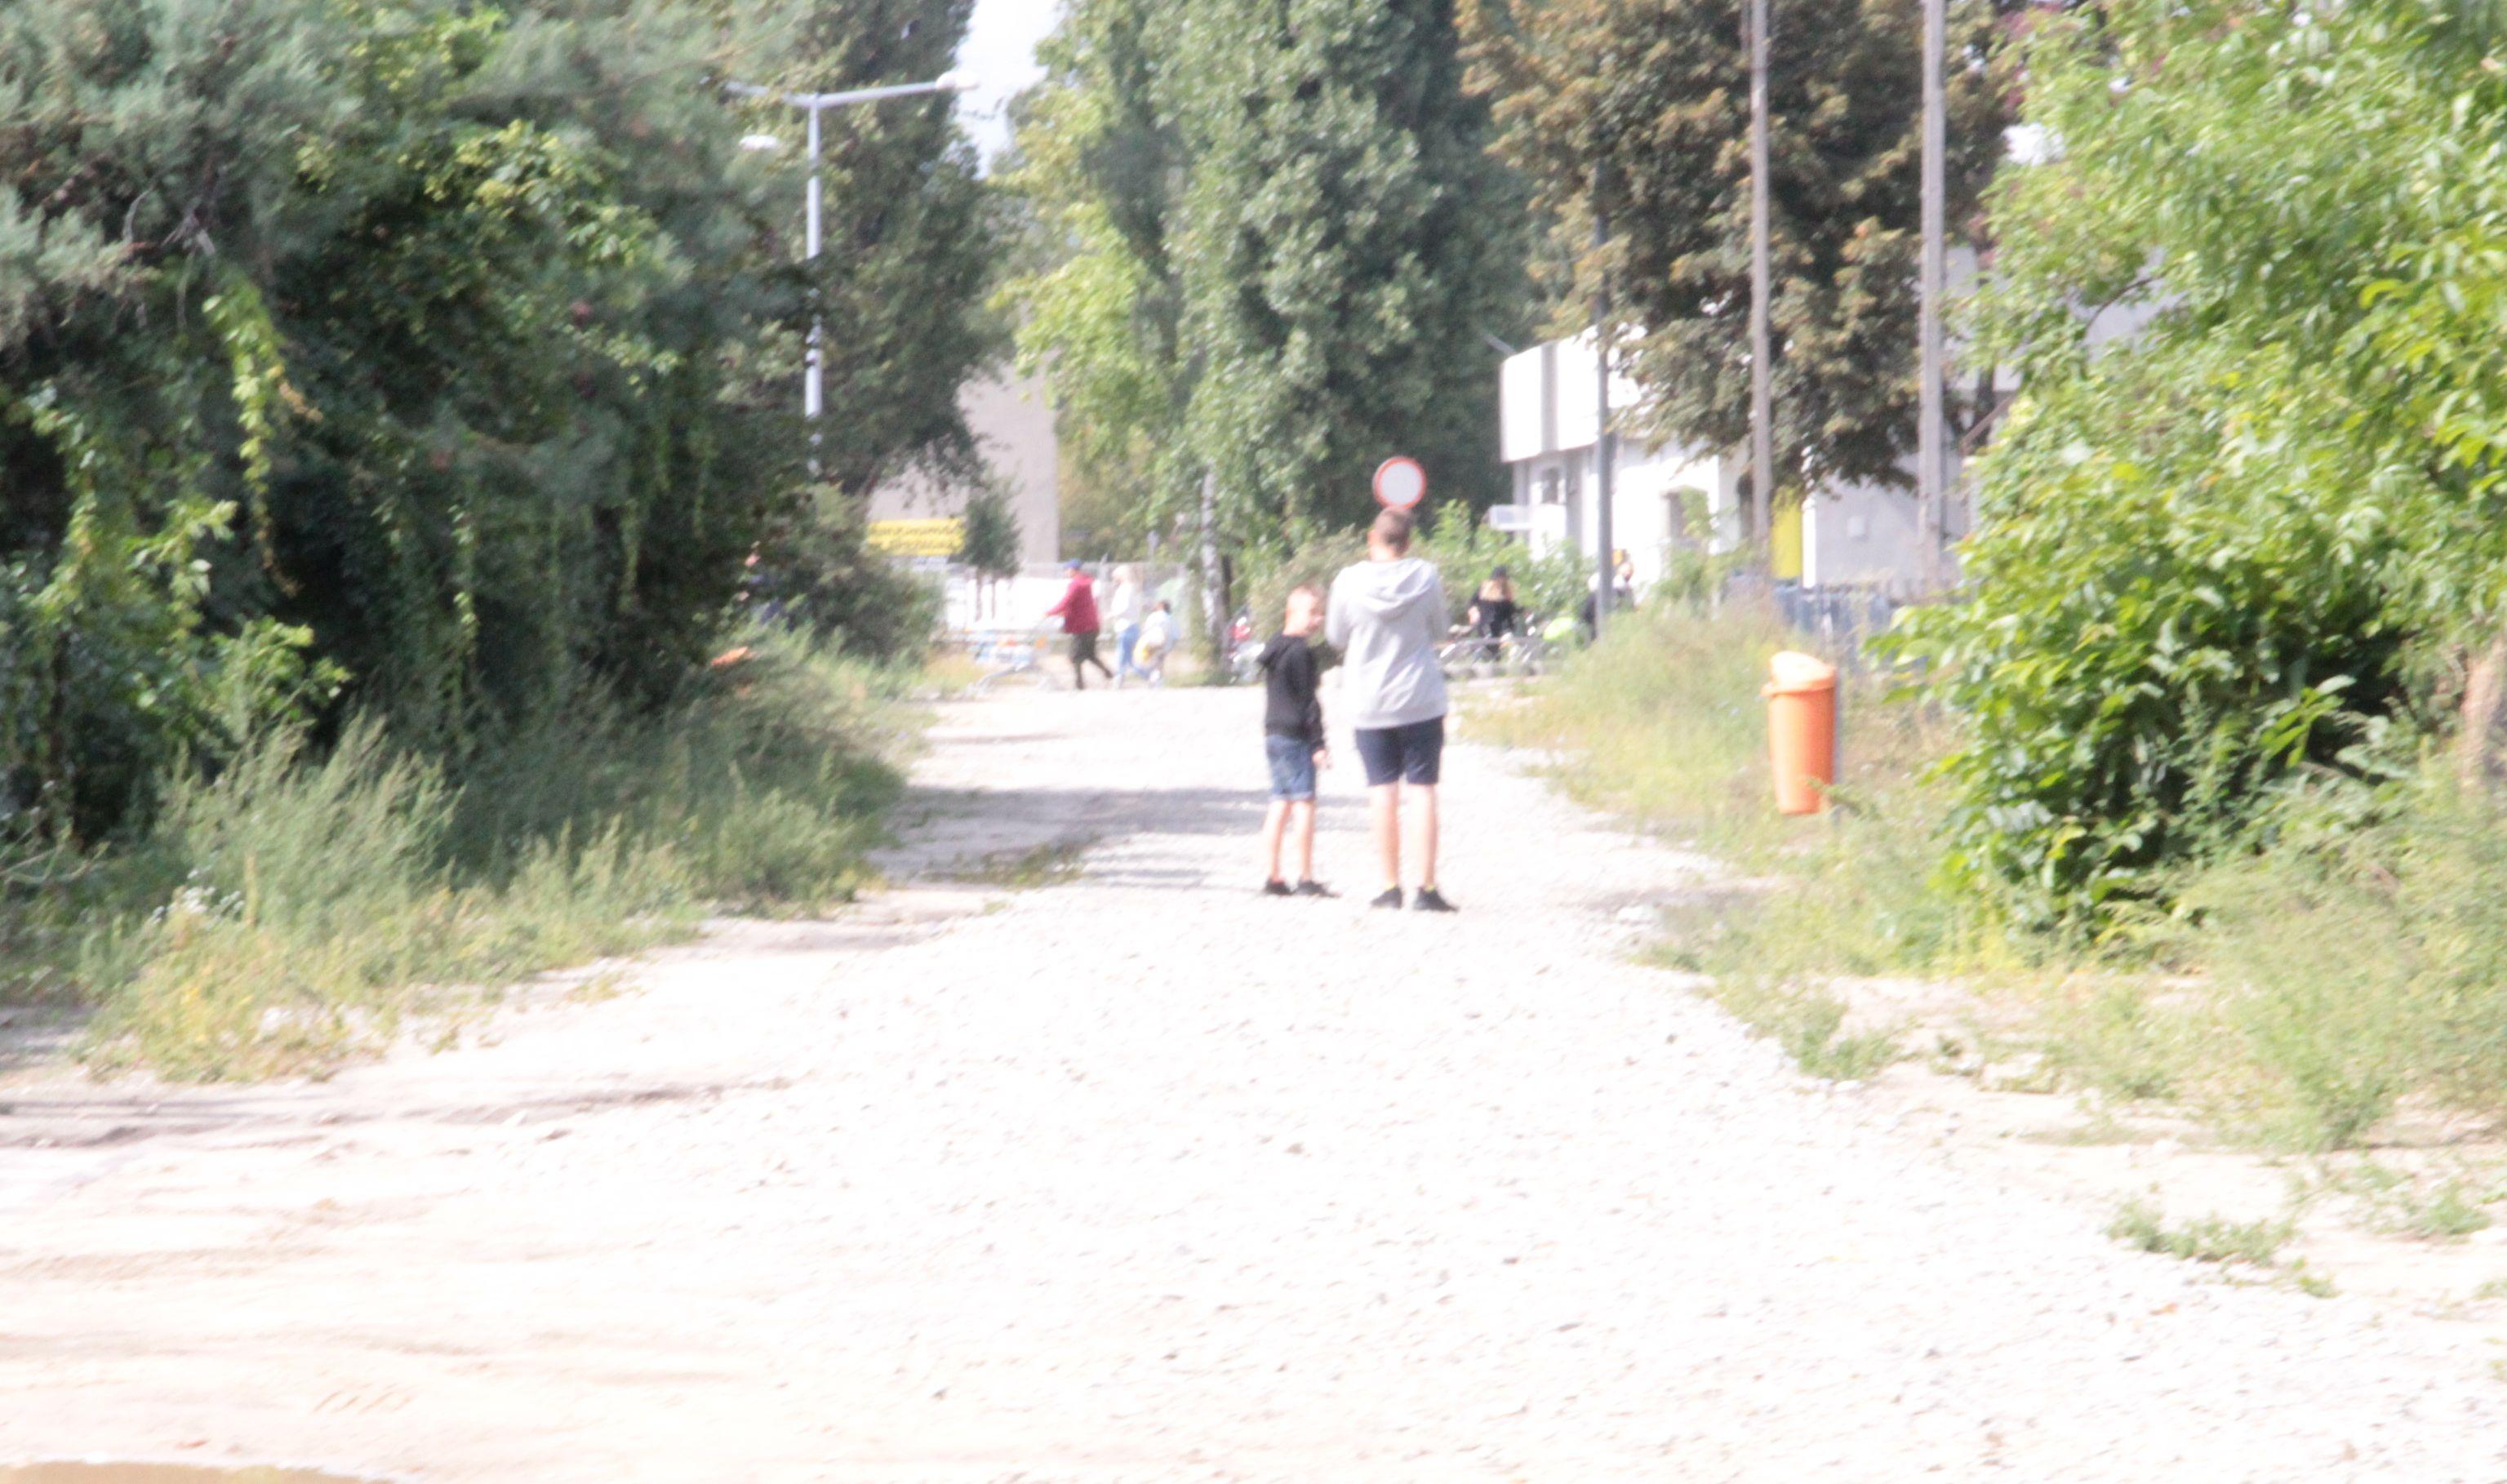 """Pleszew. Co dalej z łącznikiem ulic Sienkiewicza i Ogrodowej? """"Brakuje tu oświetlenia oraz normalnego chodnika"""" - mówią ludzie - Zdjęcie główne"""